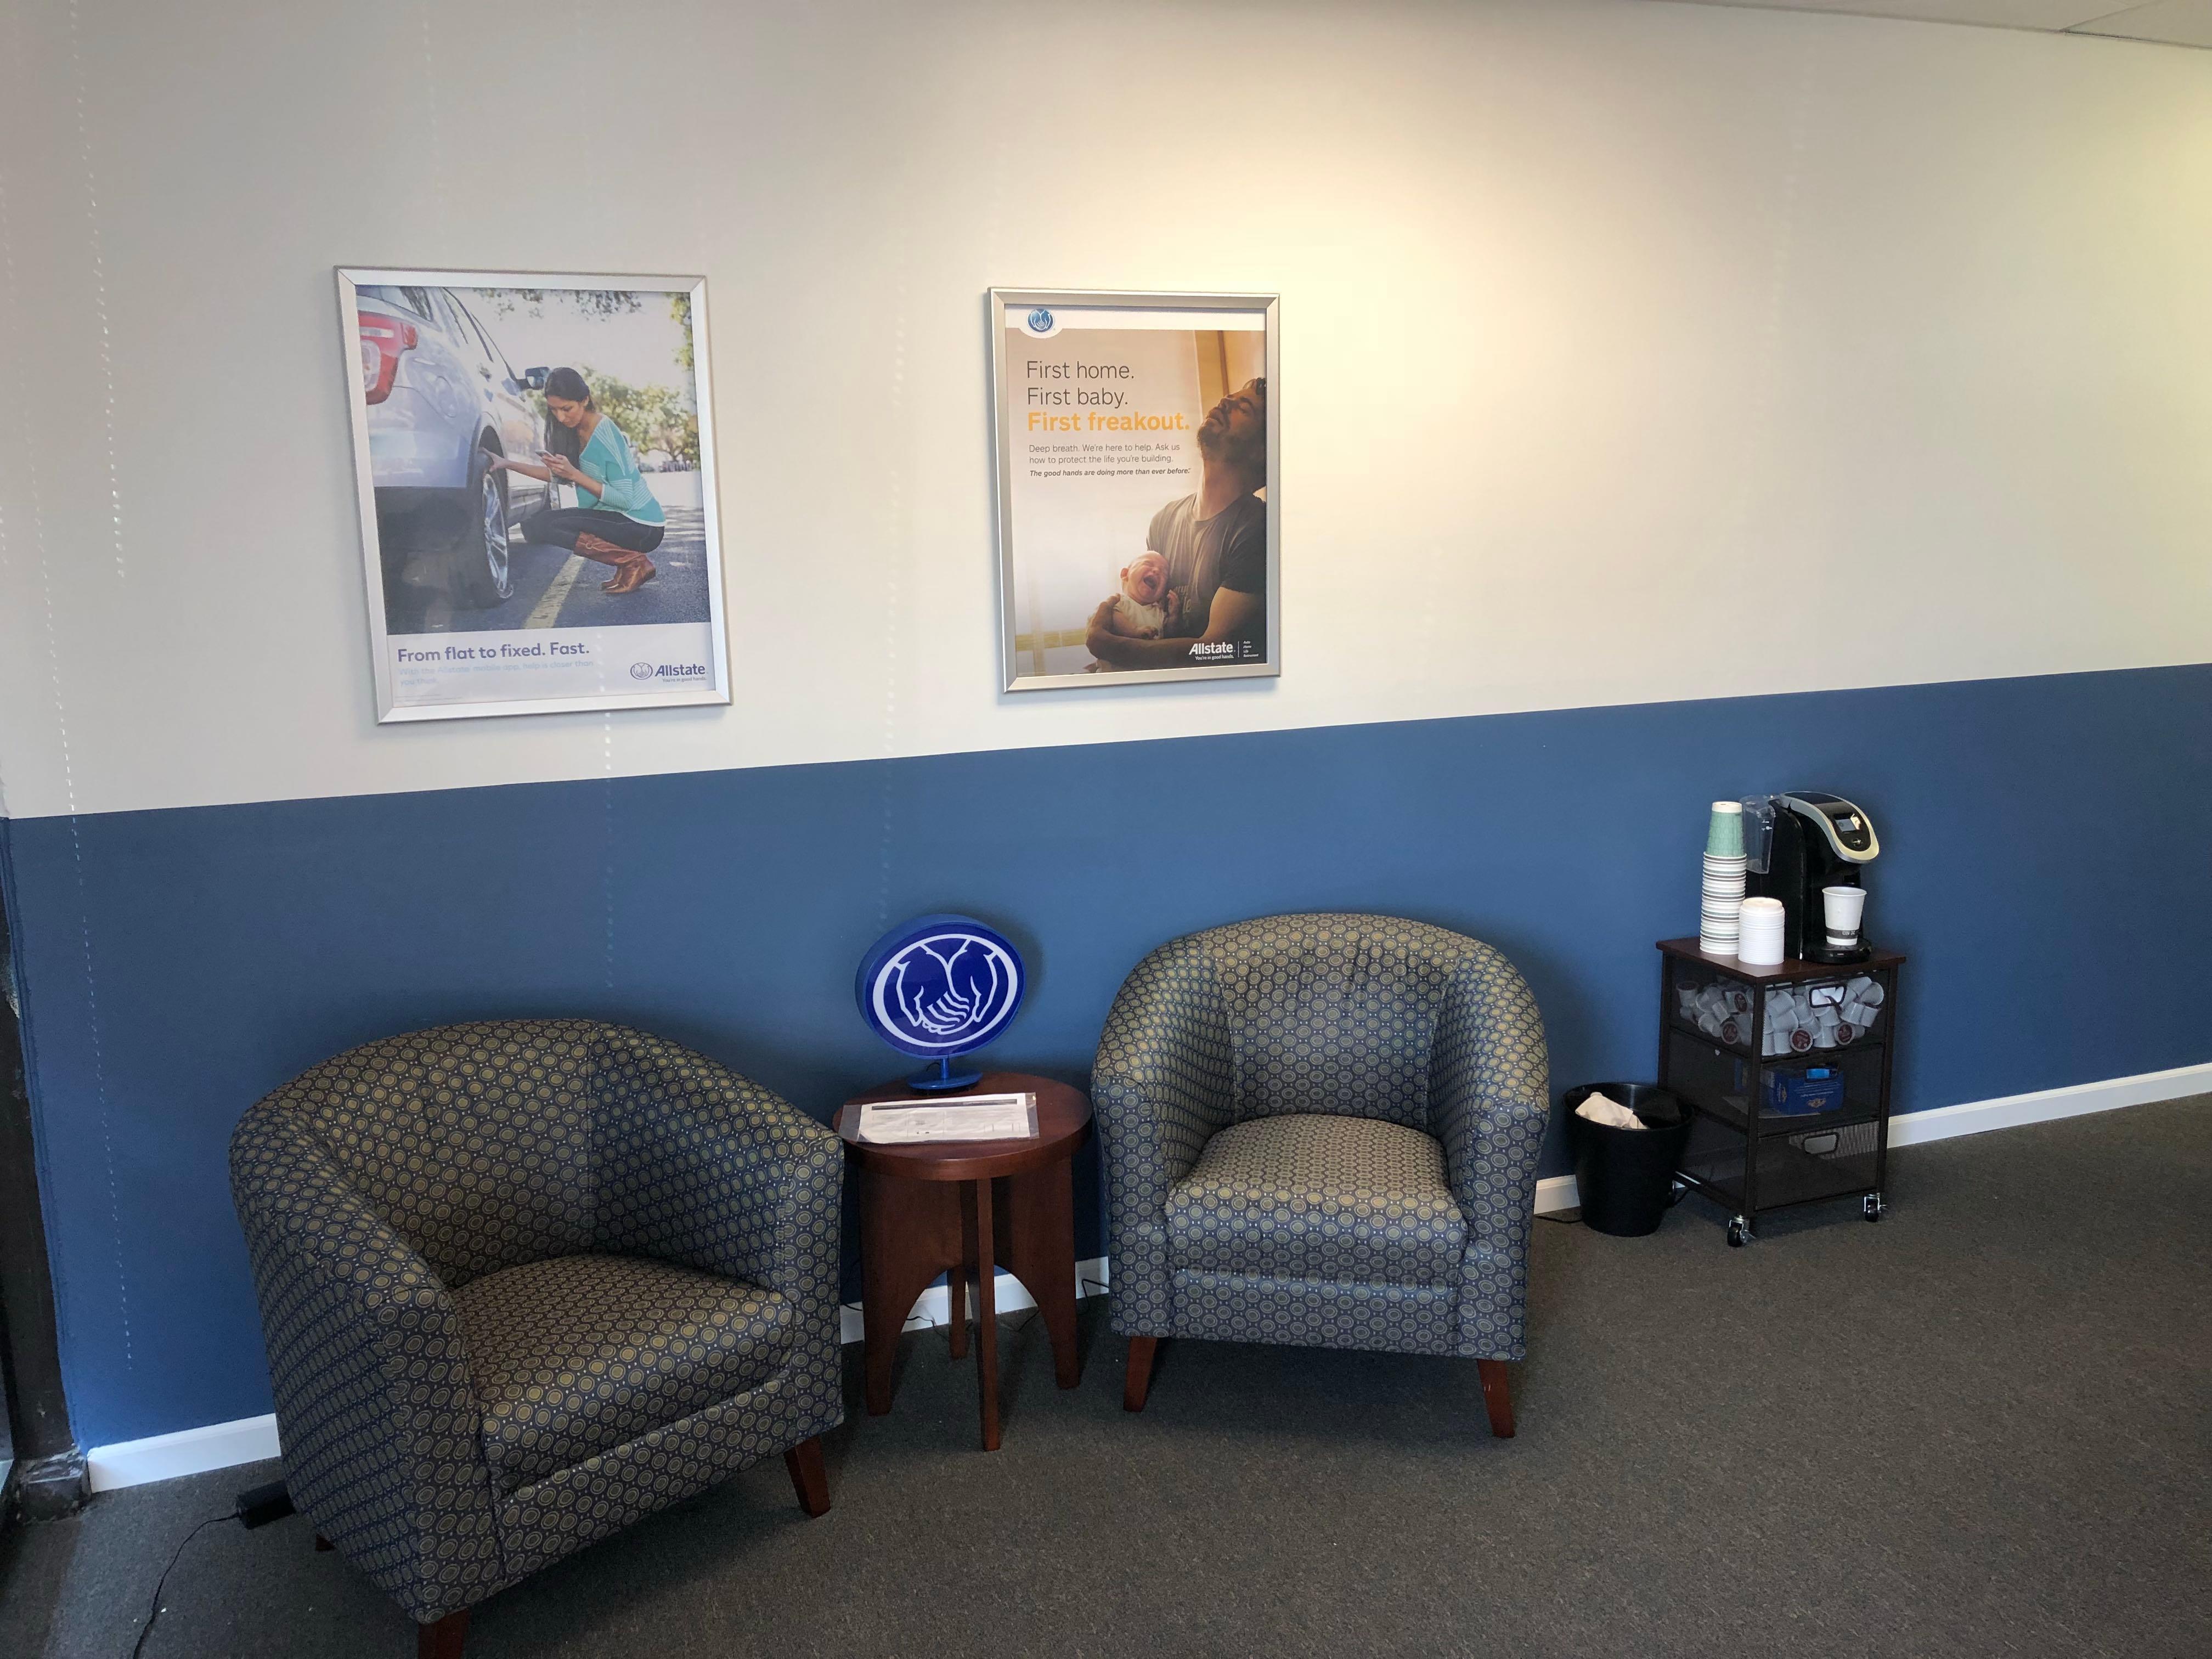 Matthew Wadz: Allstate Insurance image 3